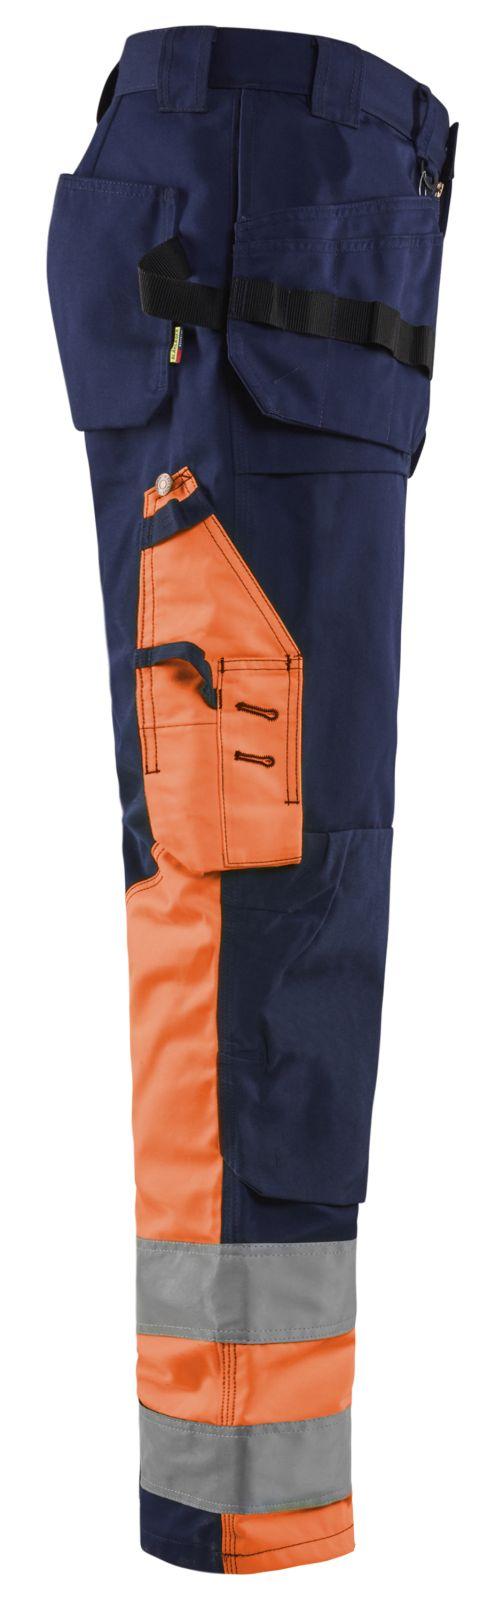 Blaklader Werkbroeken 15291860 High Vis marineblauw-oranje(8953)